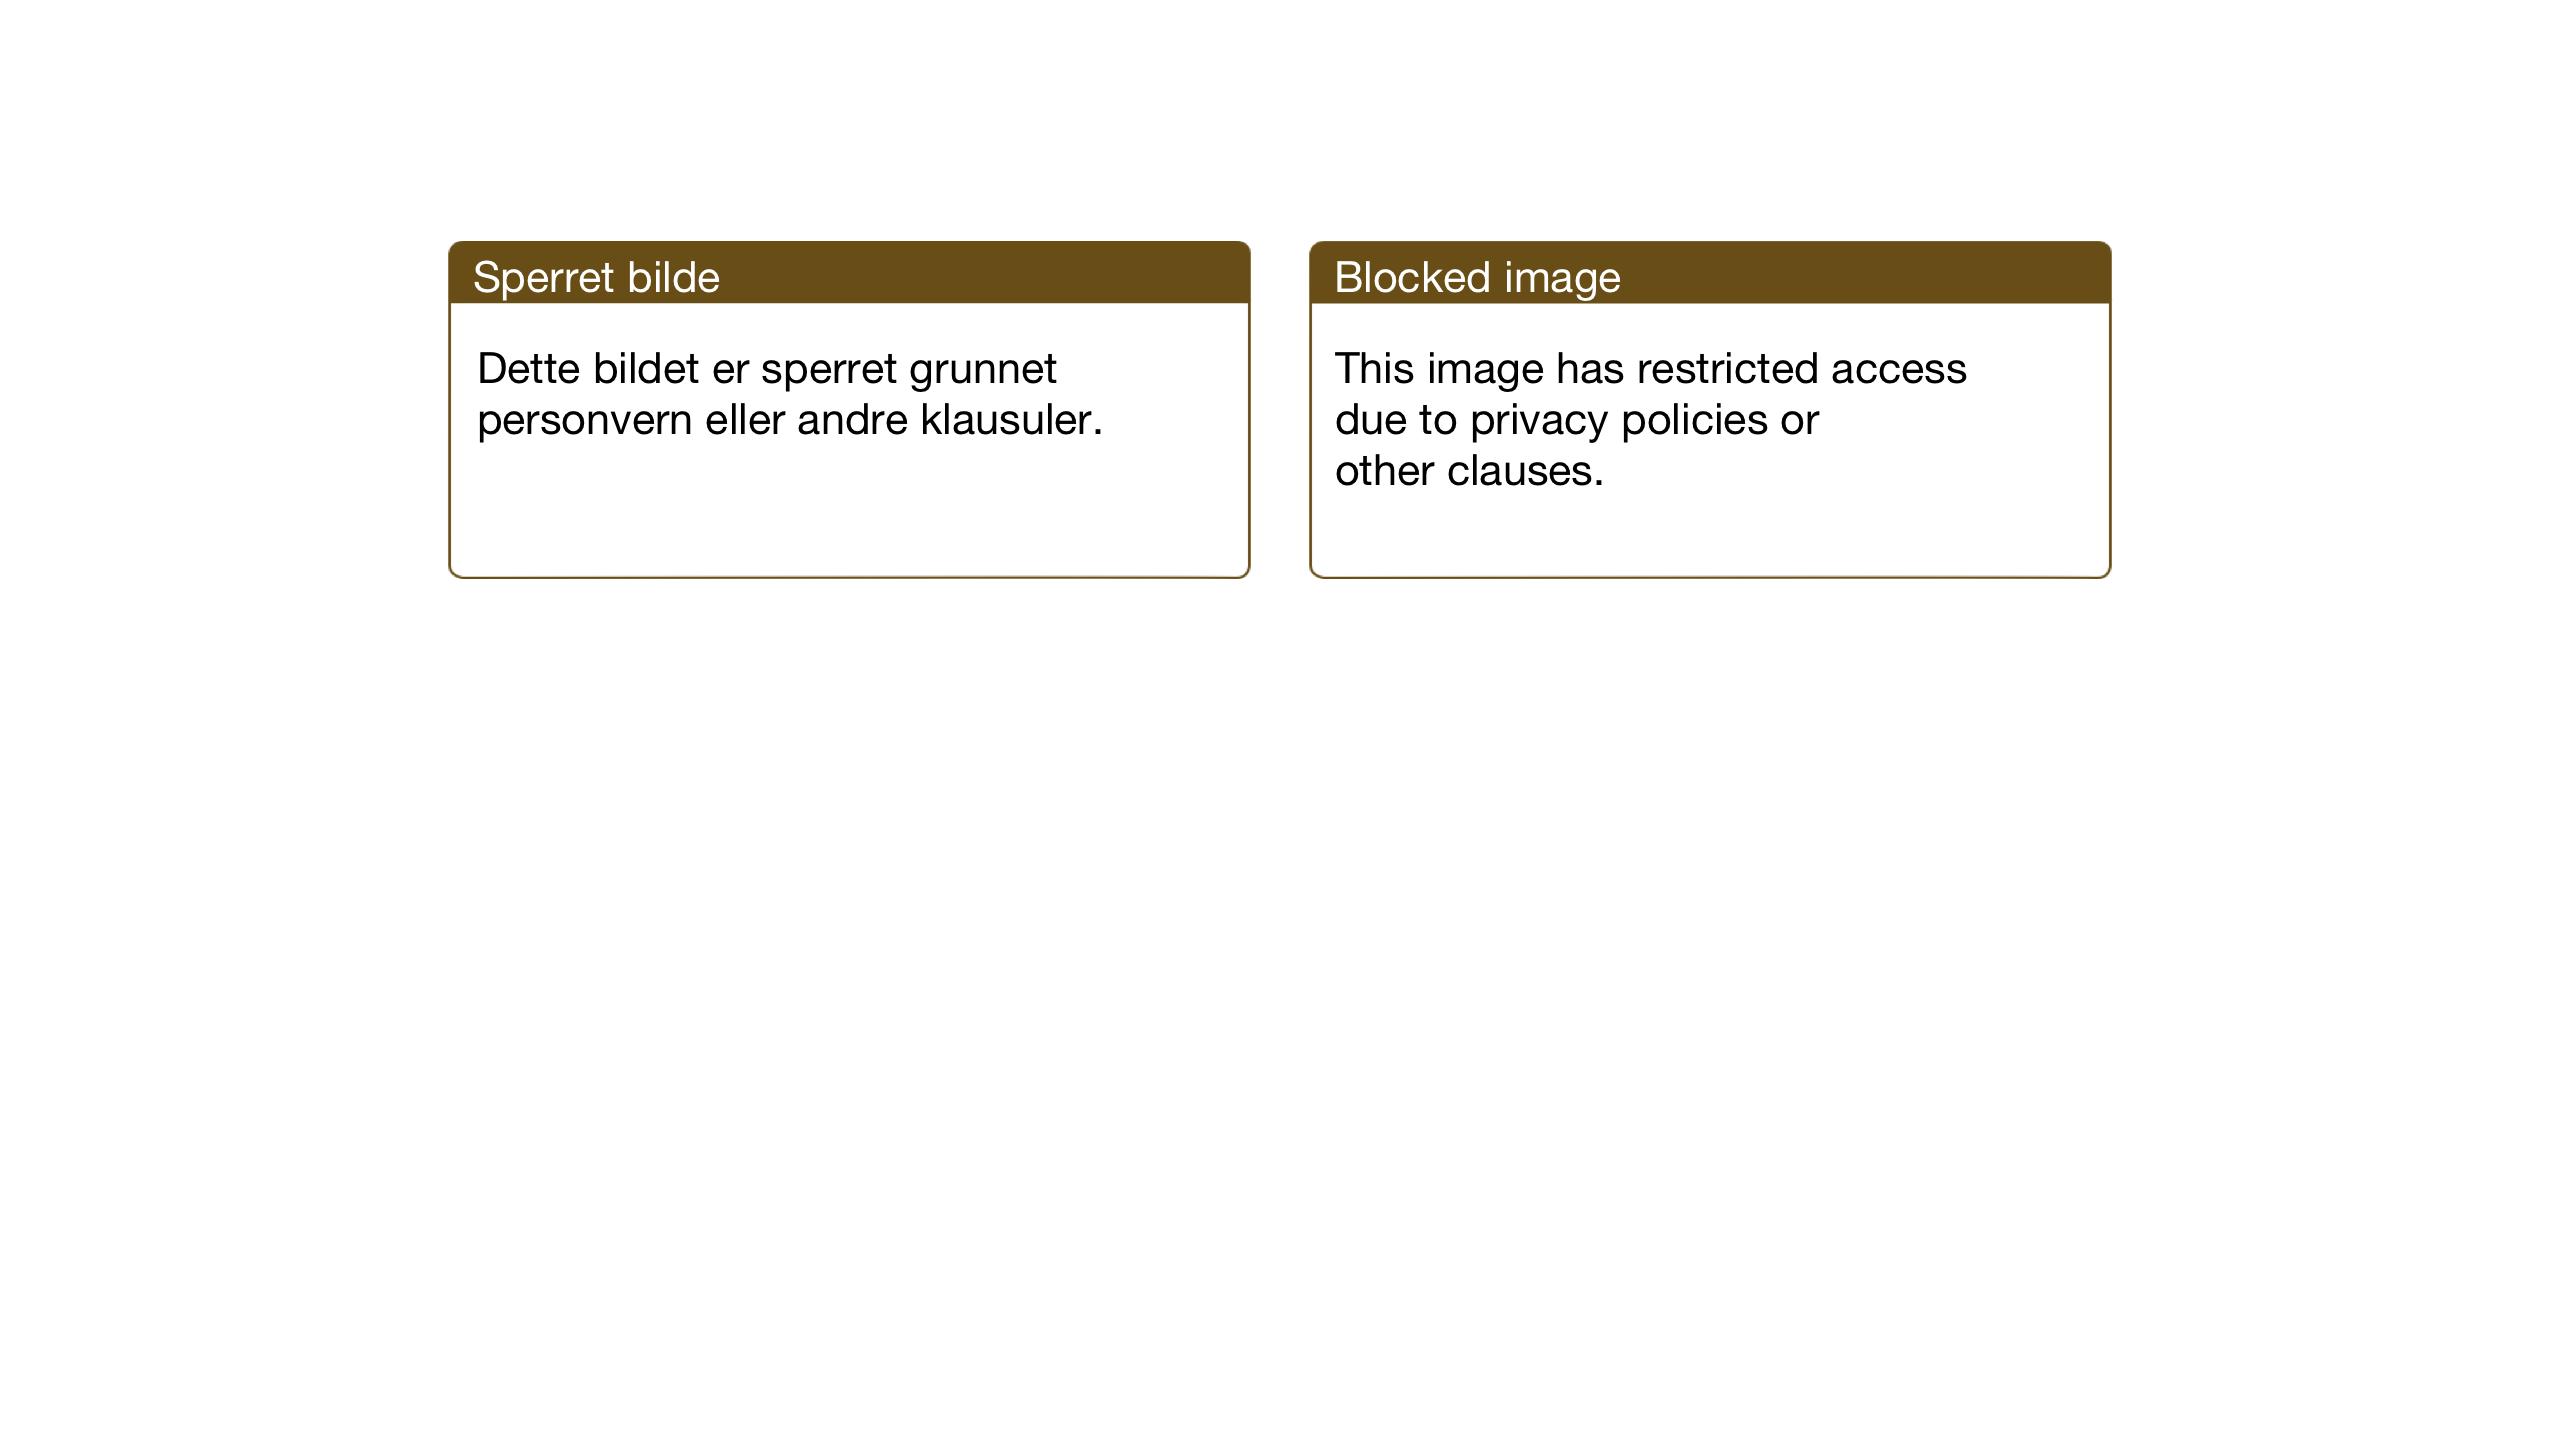 SAT, Ministerialprotokoller, klokkerbøker og fødselsregistre - Sør-Trøndelag, 682/L0947: Klokkerbok nr. 682C01, 1926-1968, s. 56